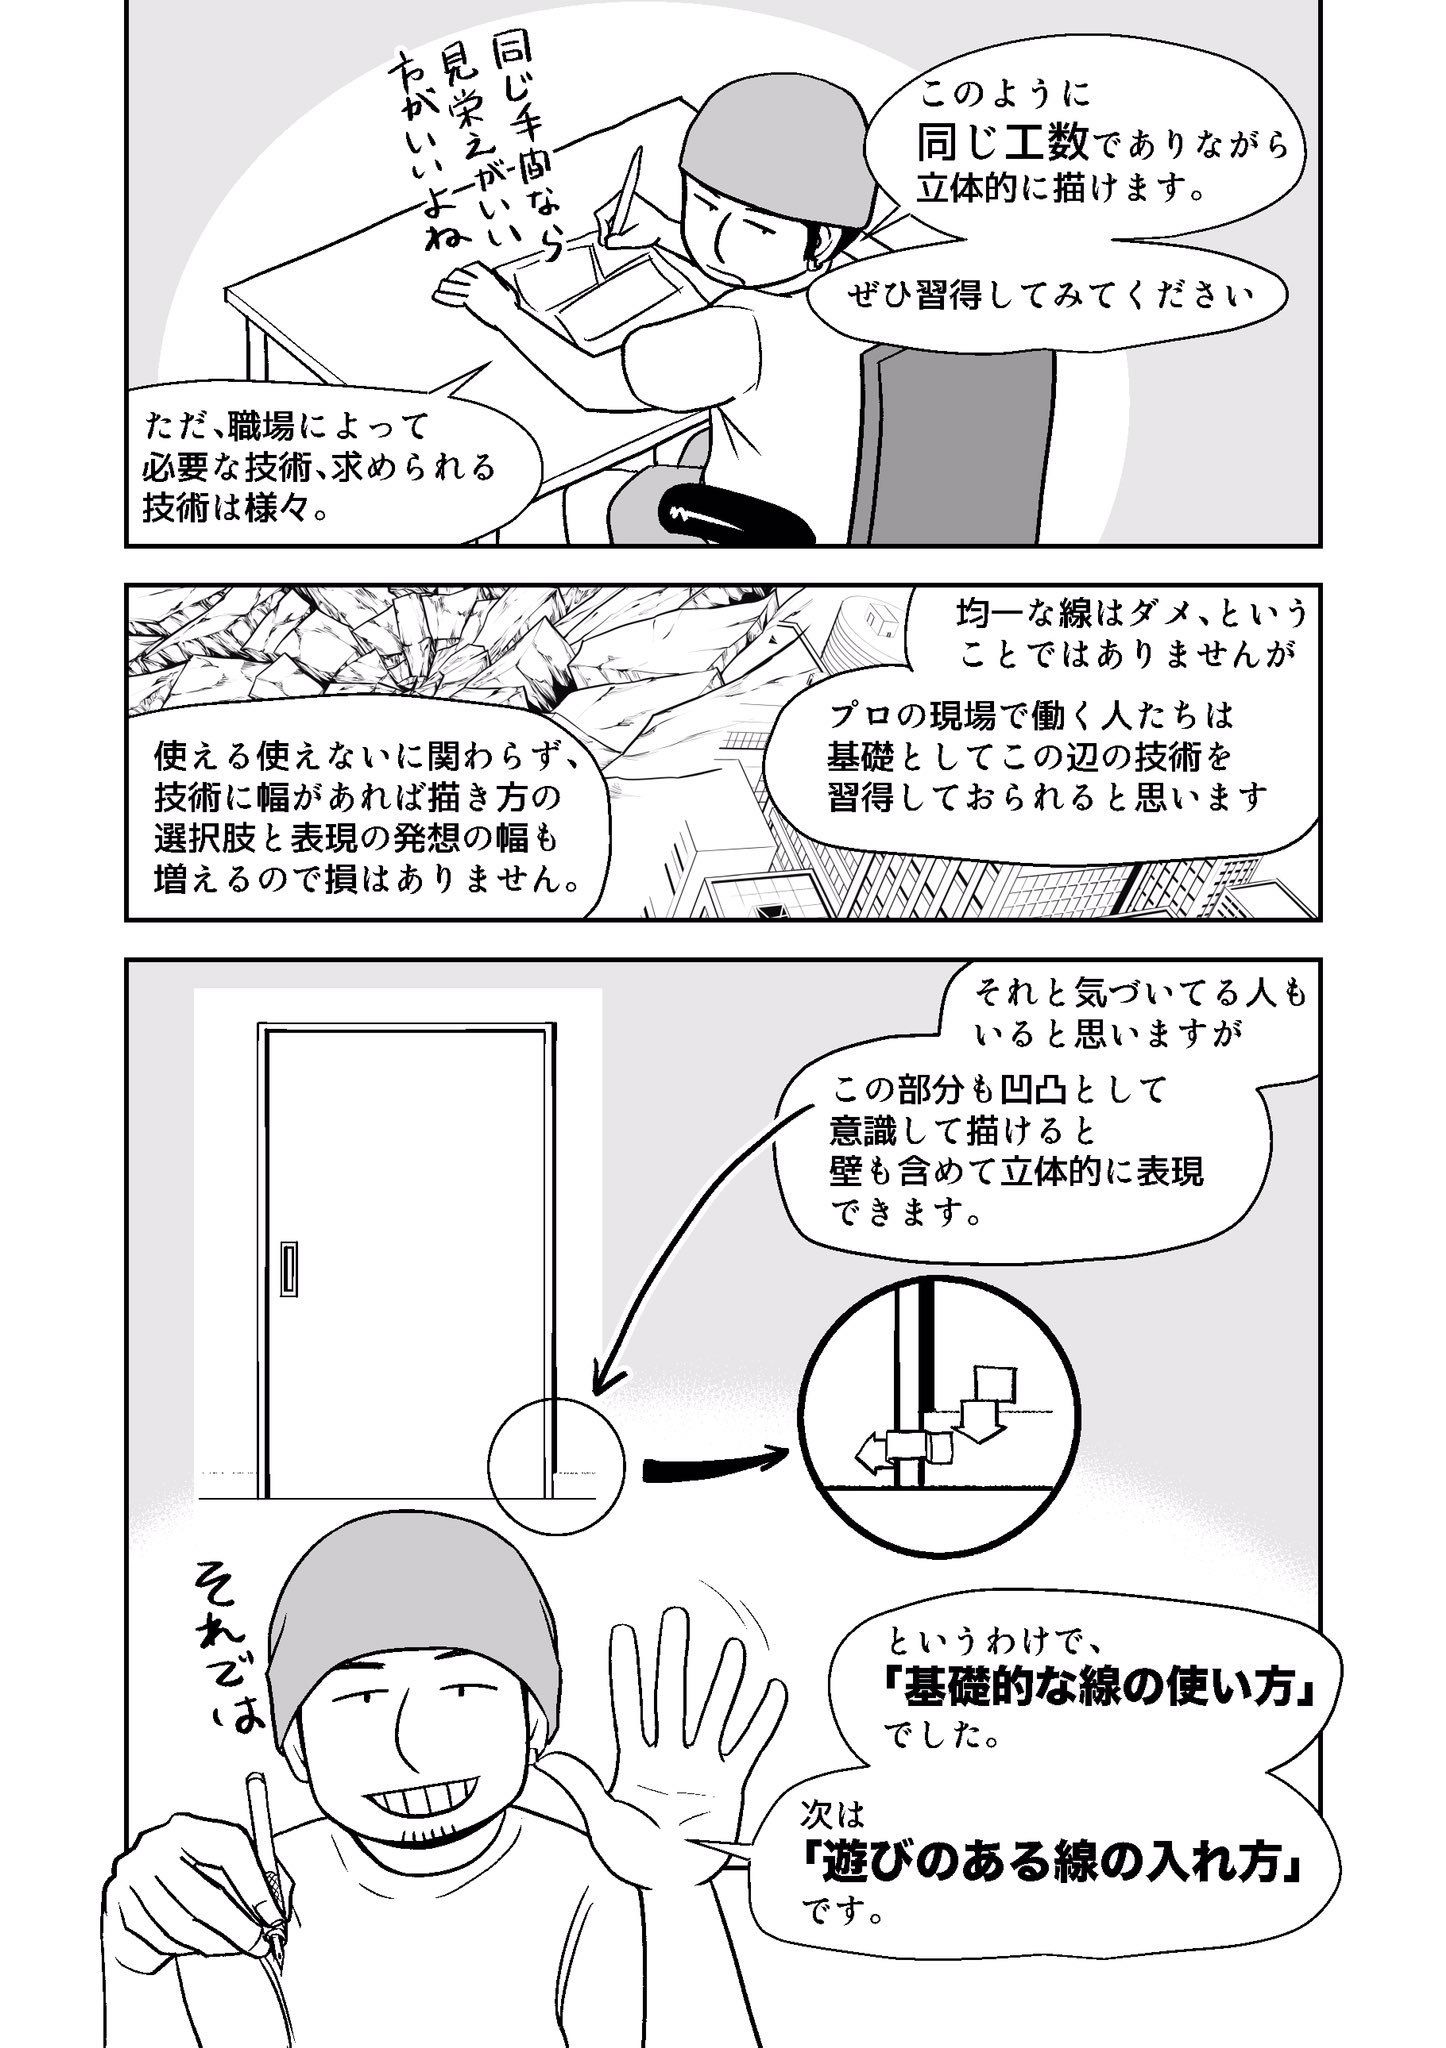 まいきー 漫画アシスタント On 漫画 マンガ メモ